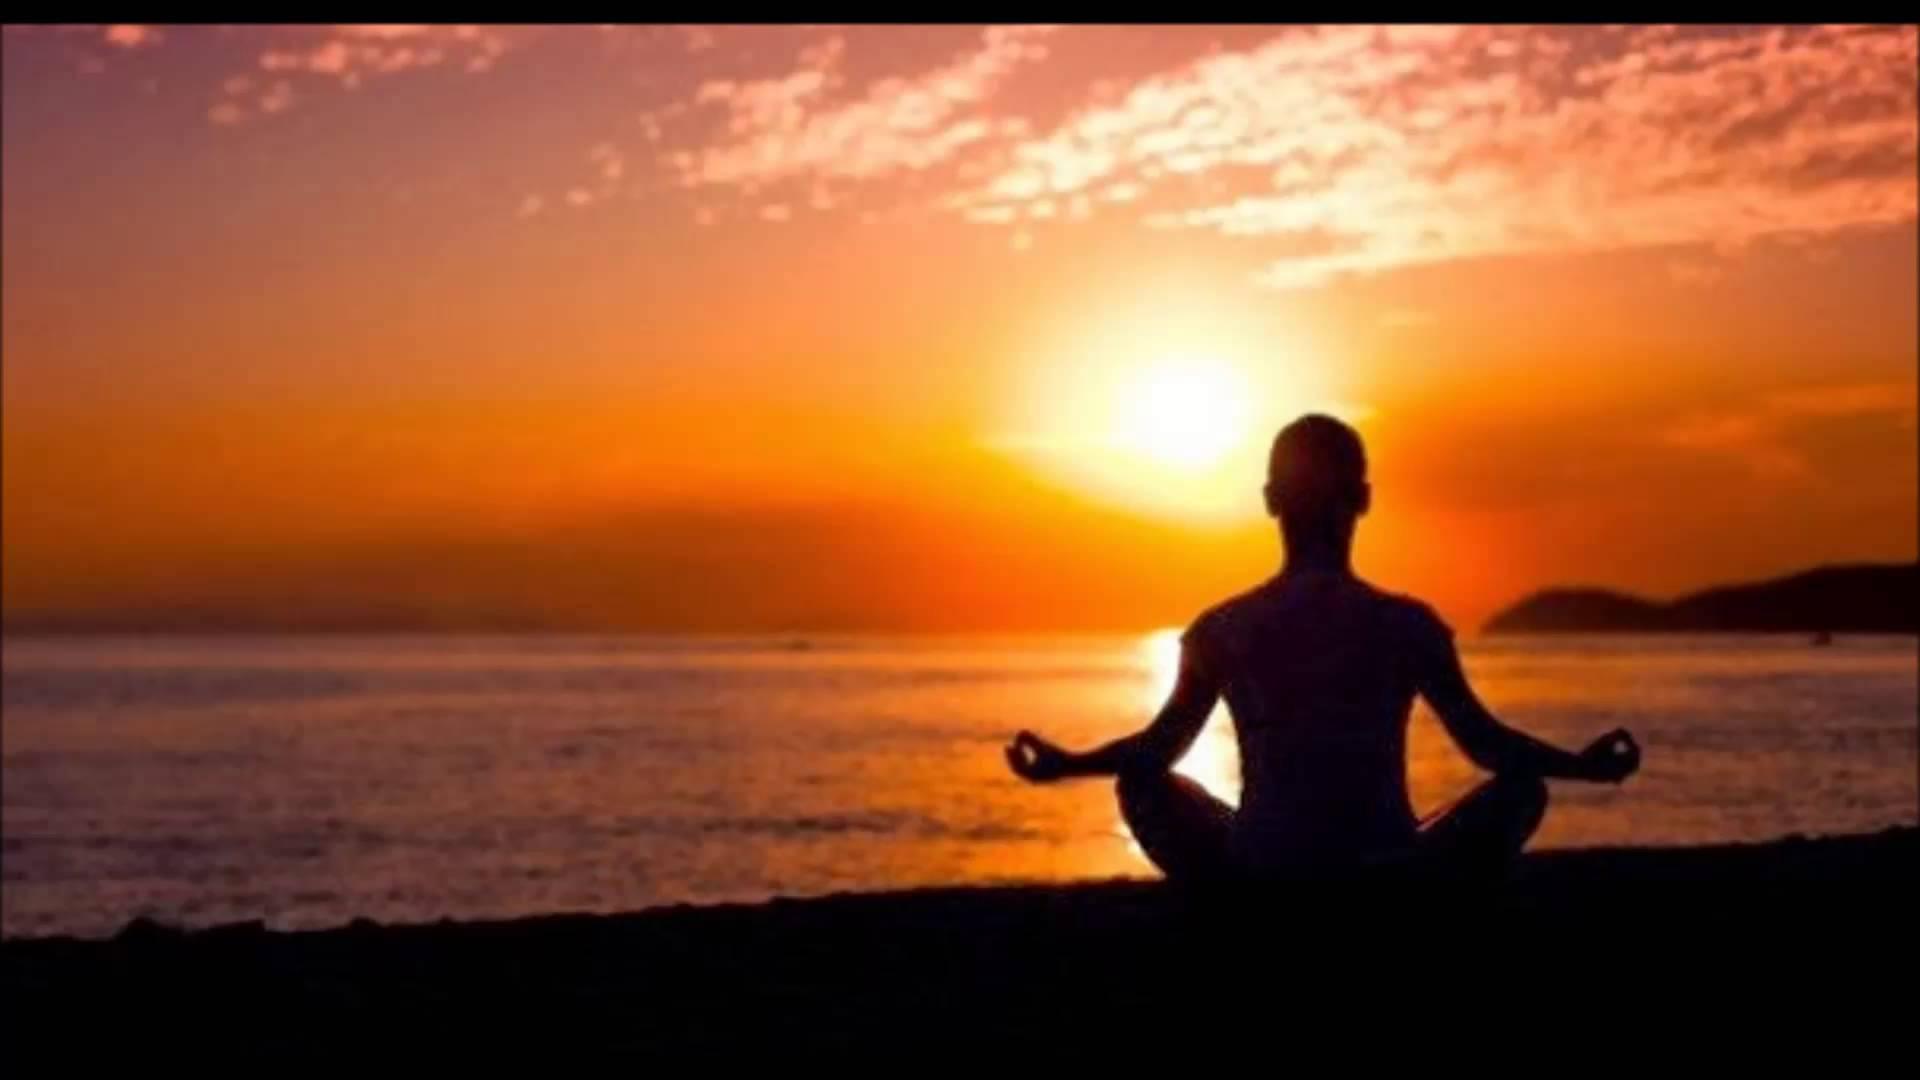 Entendendo o que é Meditação, Pensamento, Mente, Oração/Prece,  Concentração, Foco, Mentalização, Contemplação e Estado de Presença